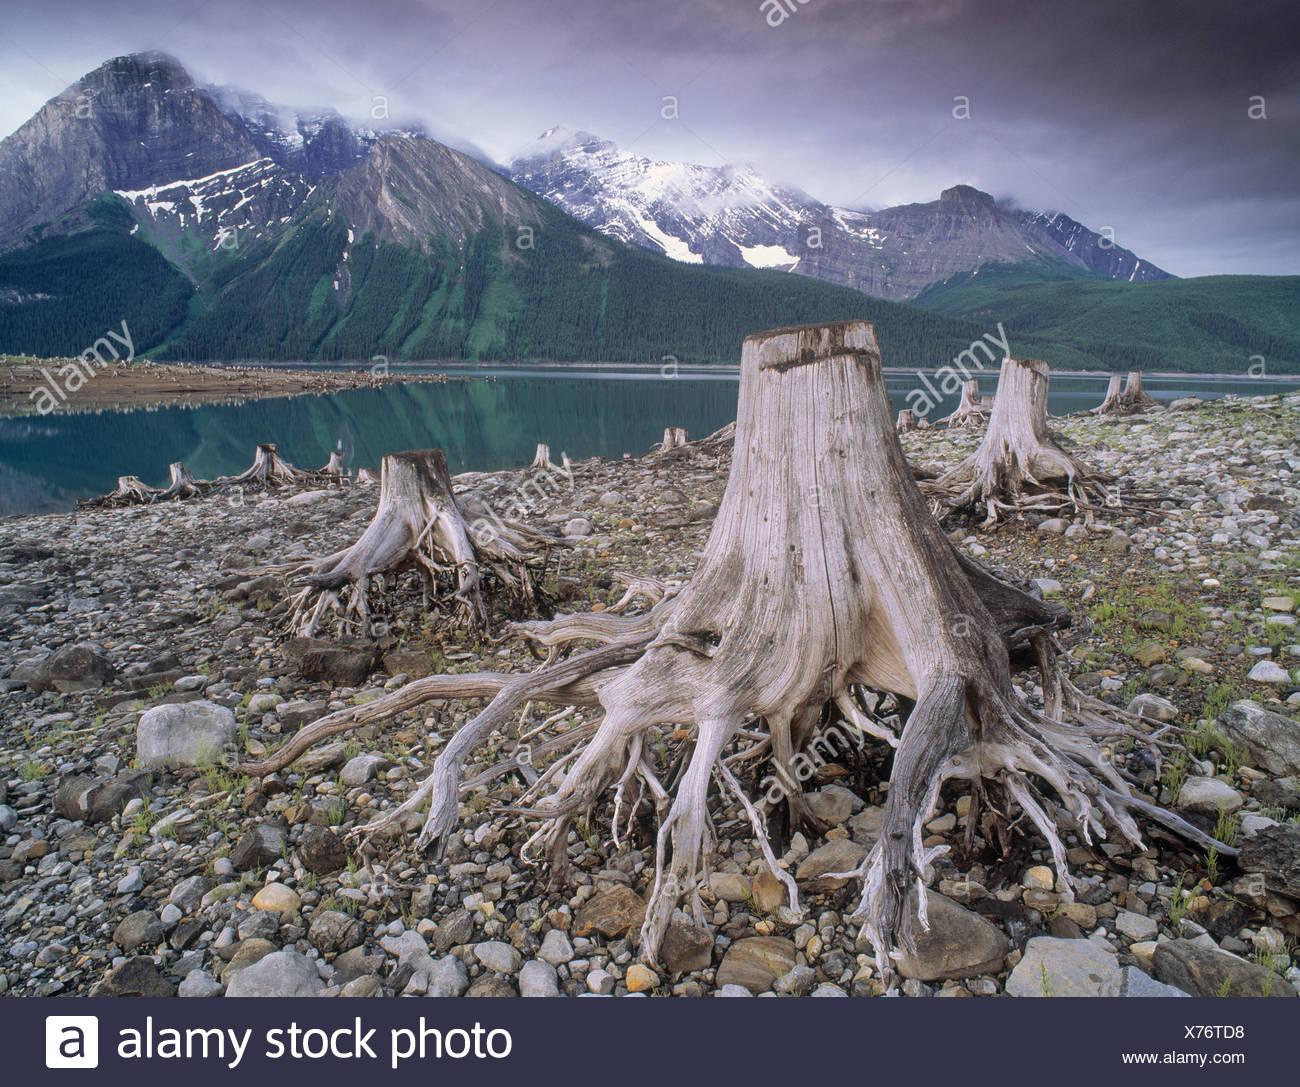 Upper Kananaskis Lake and tree stumps left over for clearing of dam, Peter Lougheed Provincial Park, Kanananskis Country, Albert - Stock Image